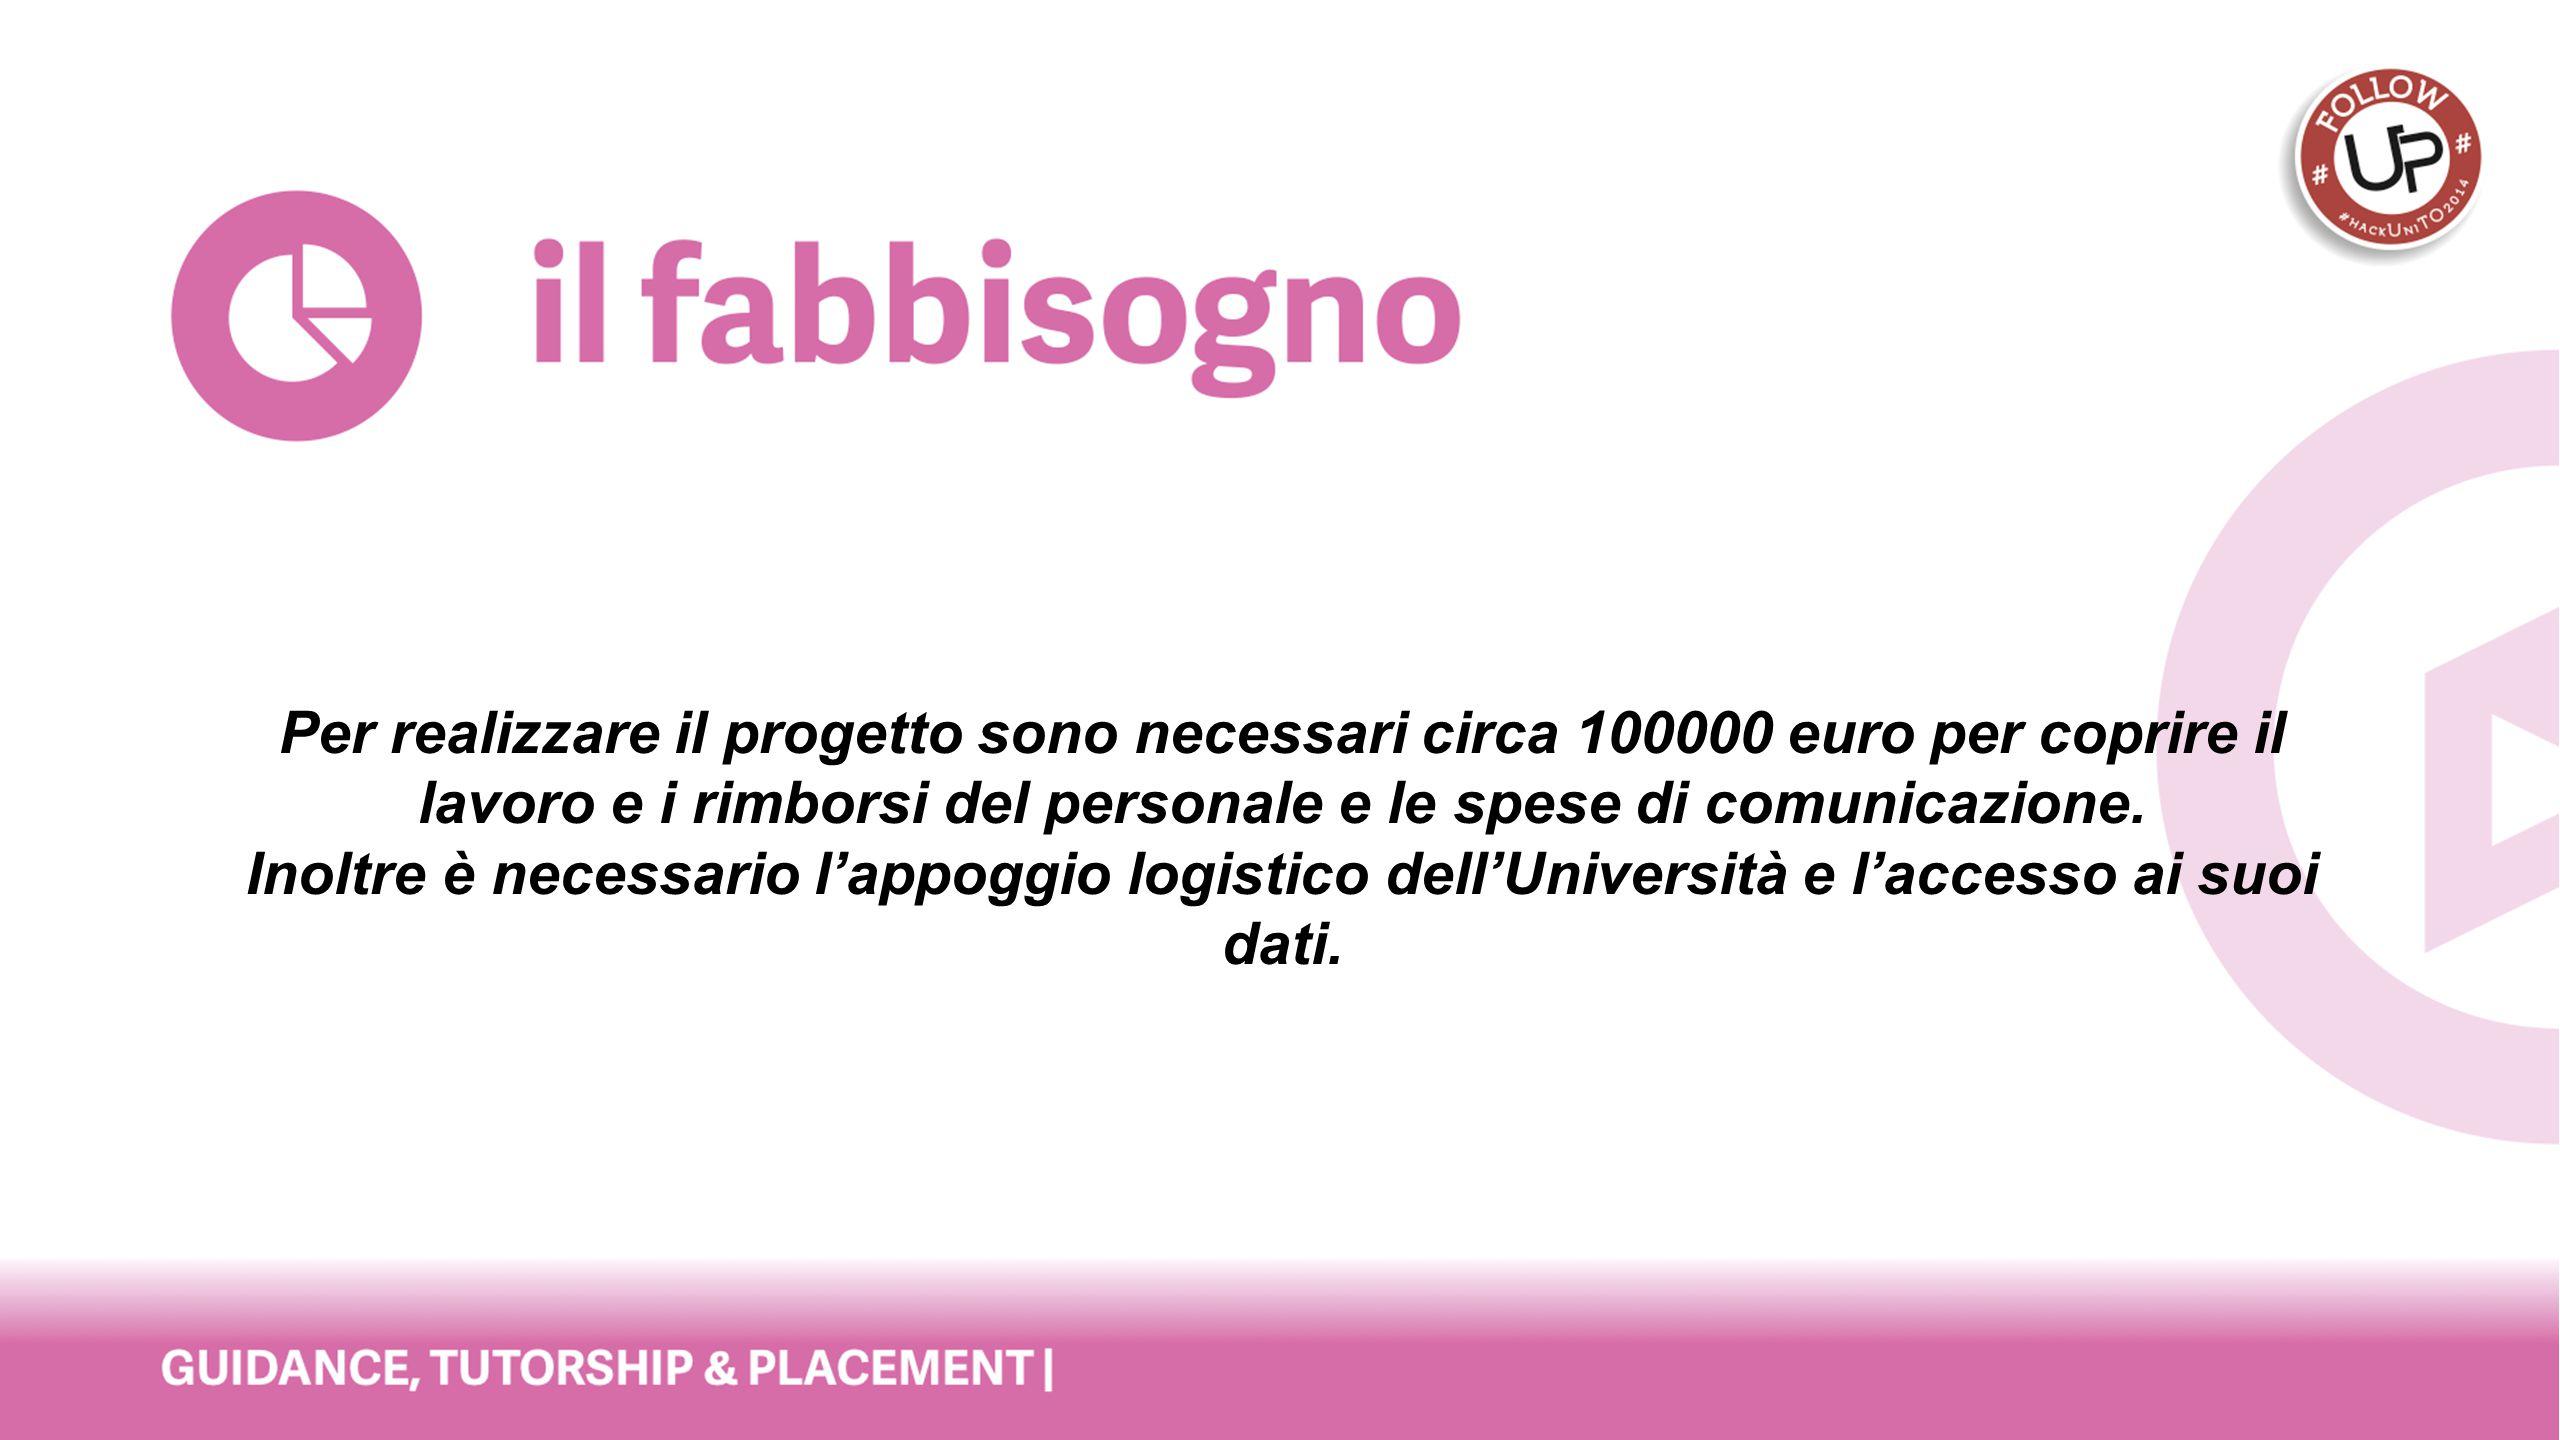 Per realizzare il progetto sono necessari circa 100000 euro per coprire il lavoro e i rimborsi del personale e le spese di comunicazione.